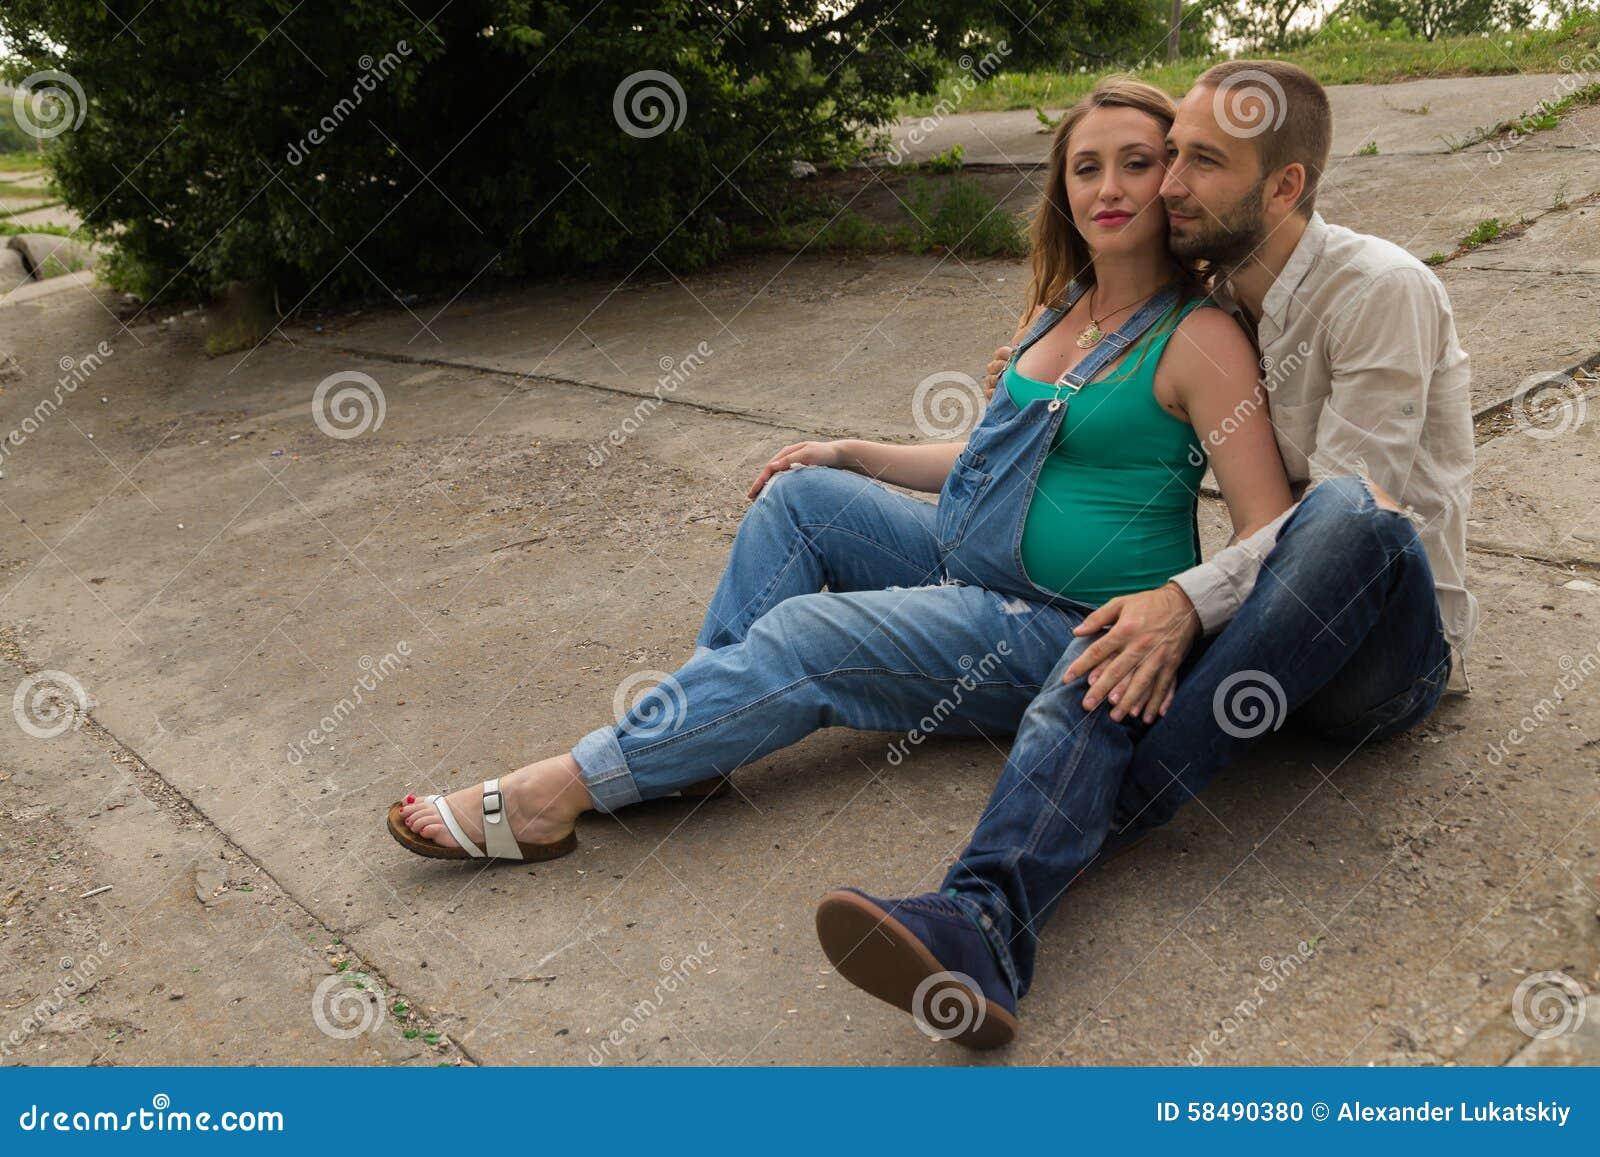 молодая пара на даче видео обхватил